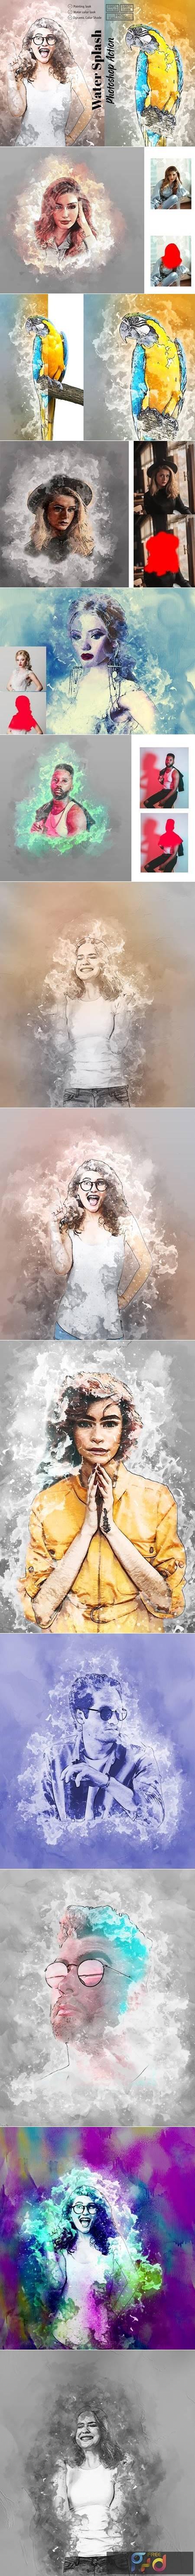 Water Splash Photoshop Action 5853025 1